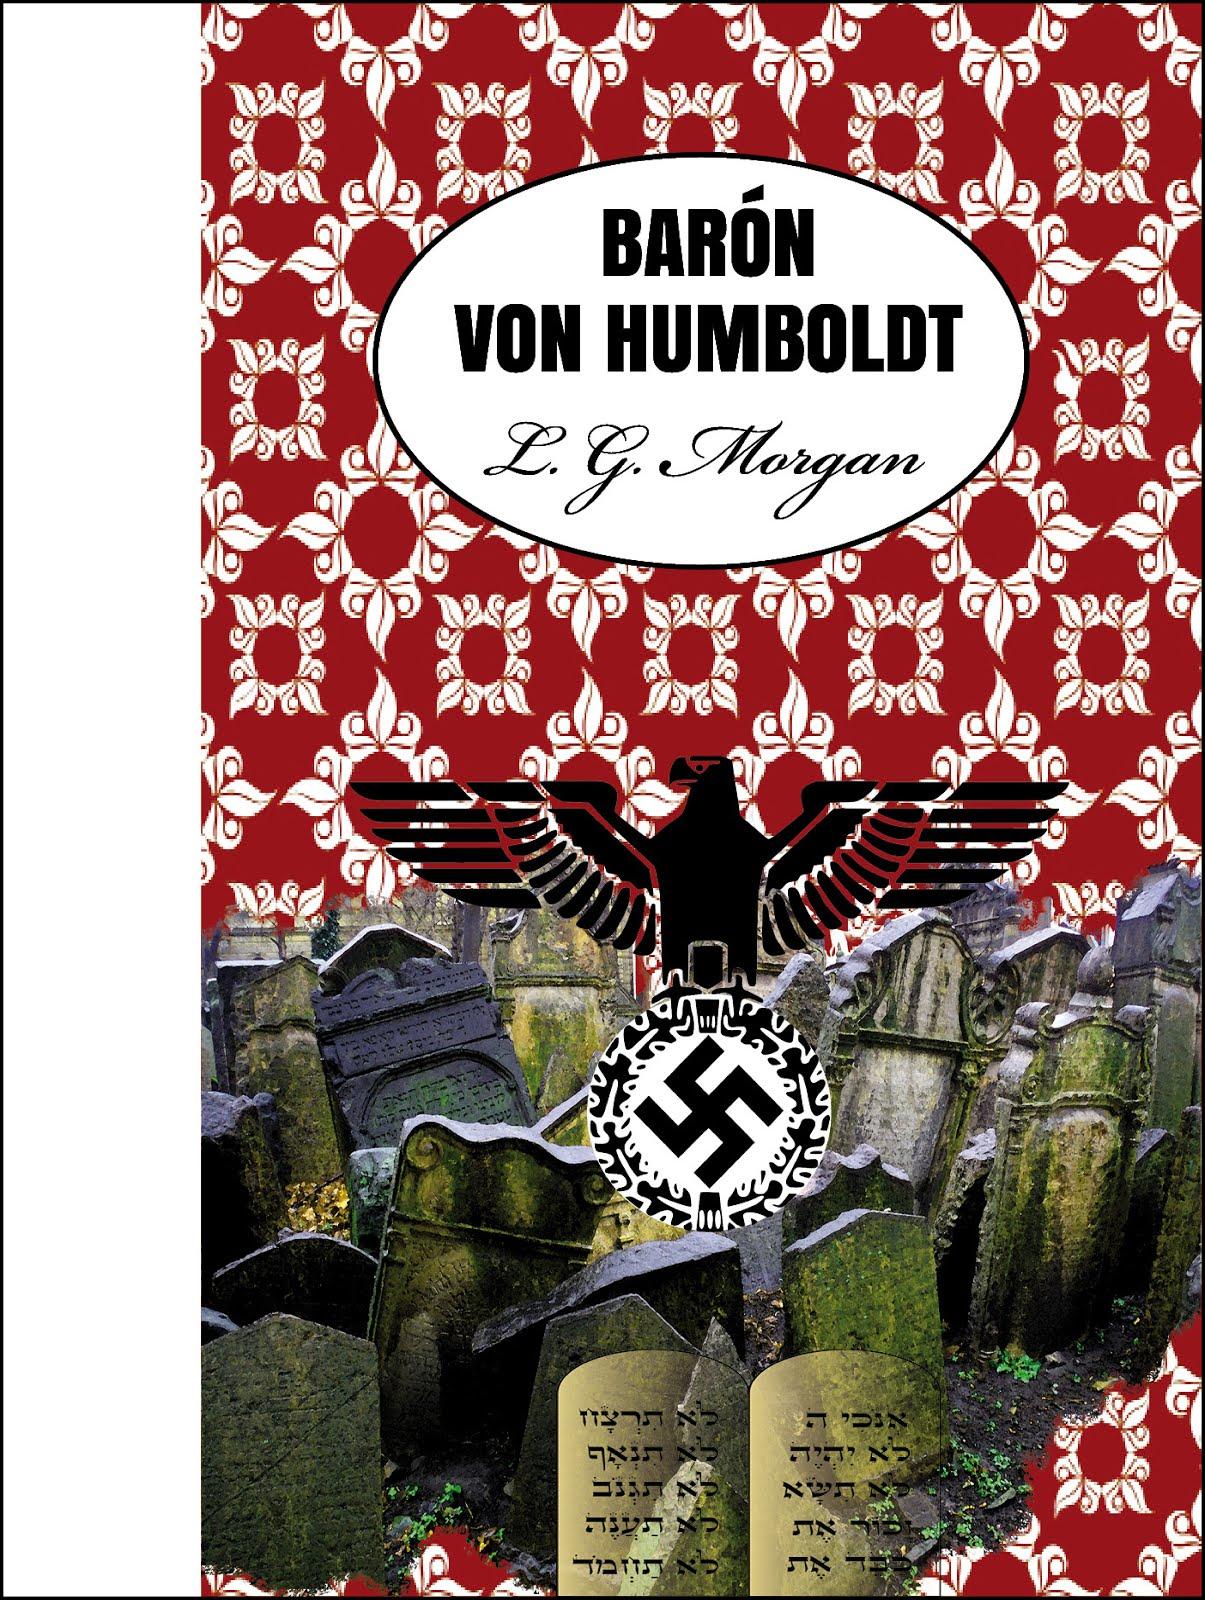 BARÓN VON HUMBOLDT